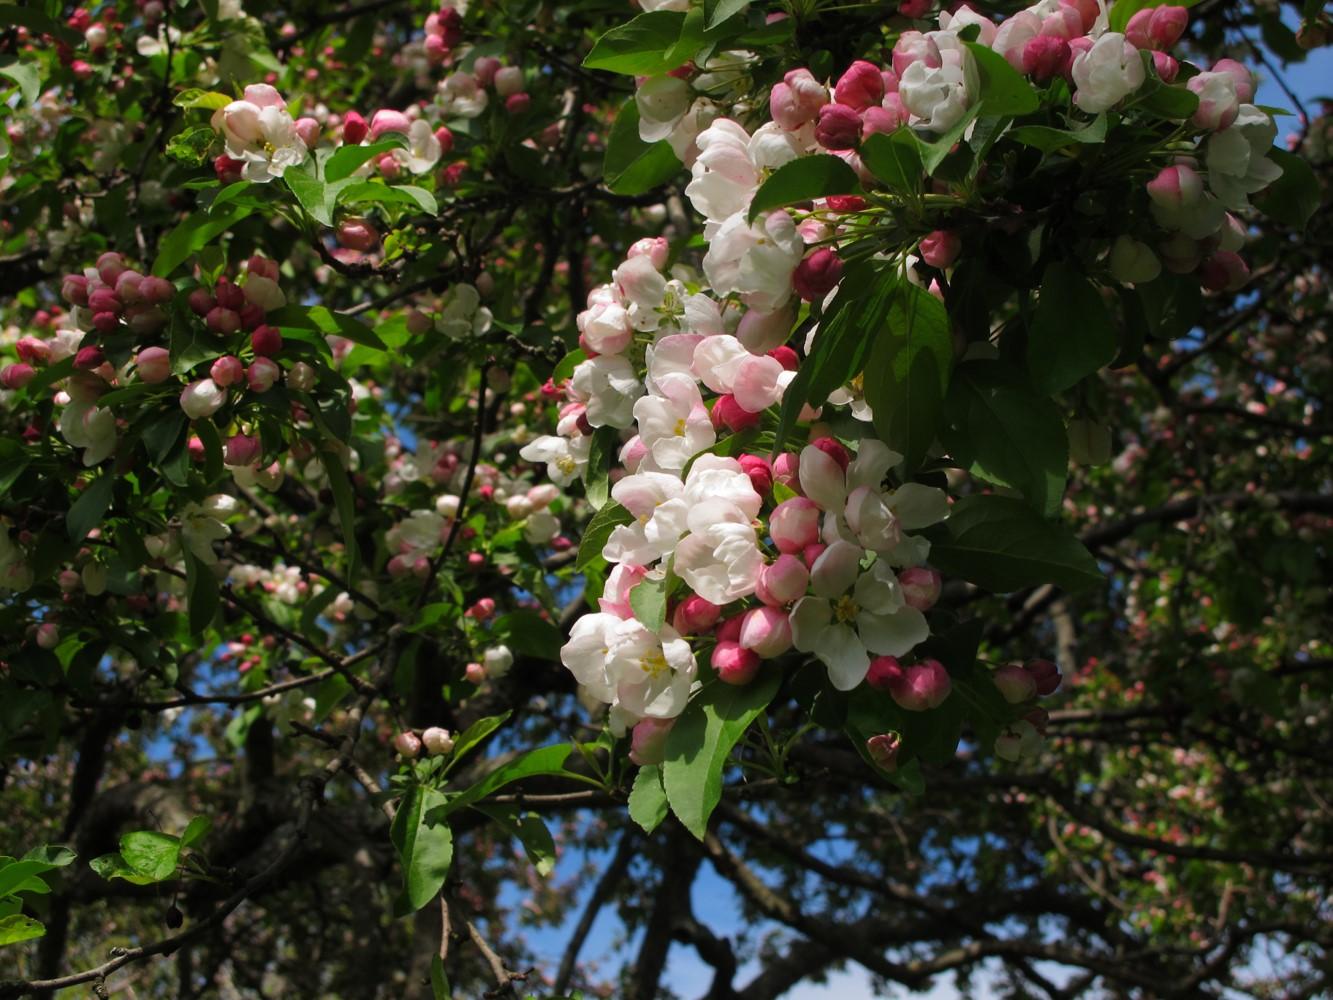 Flowers of Malus 'Donald Wyman'